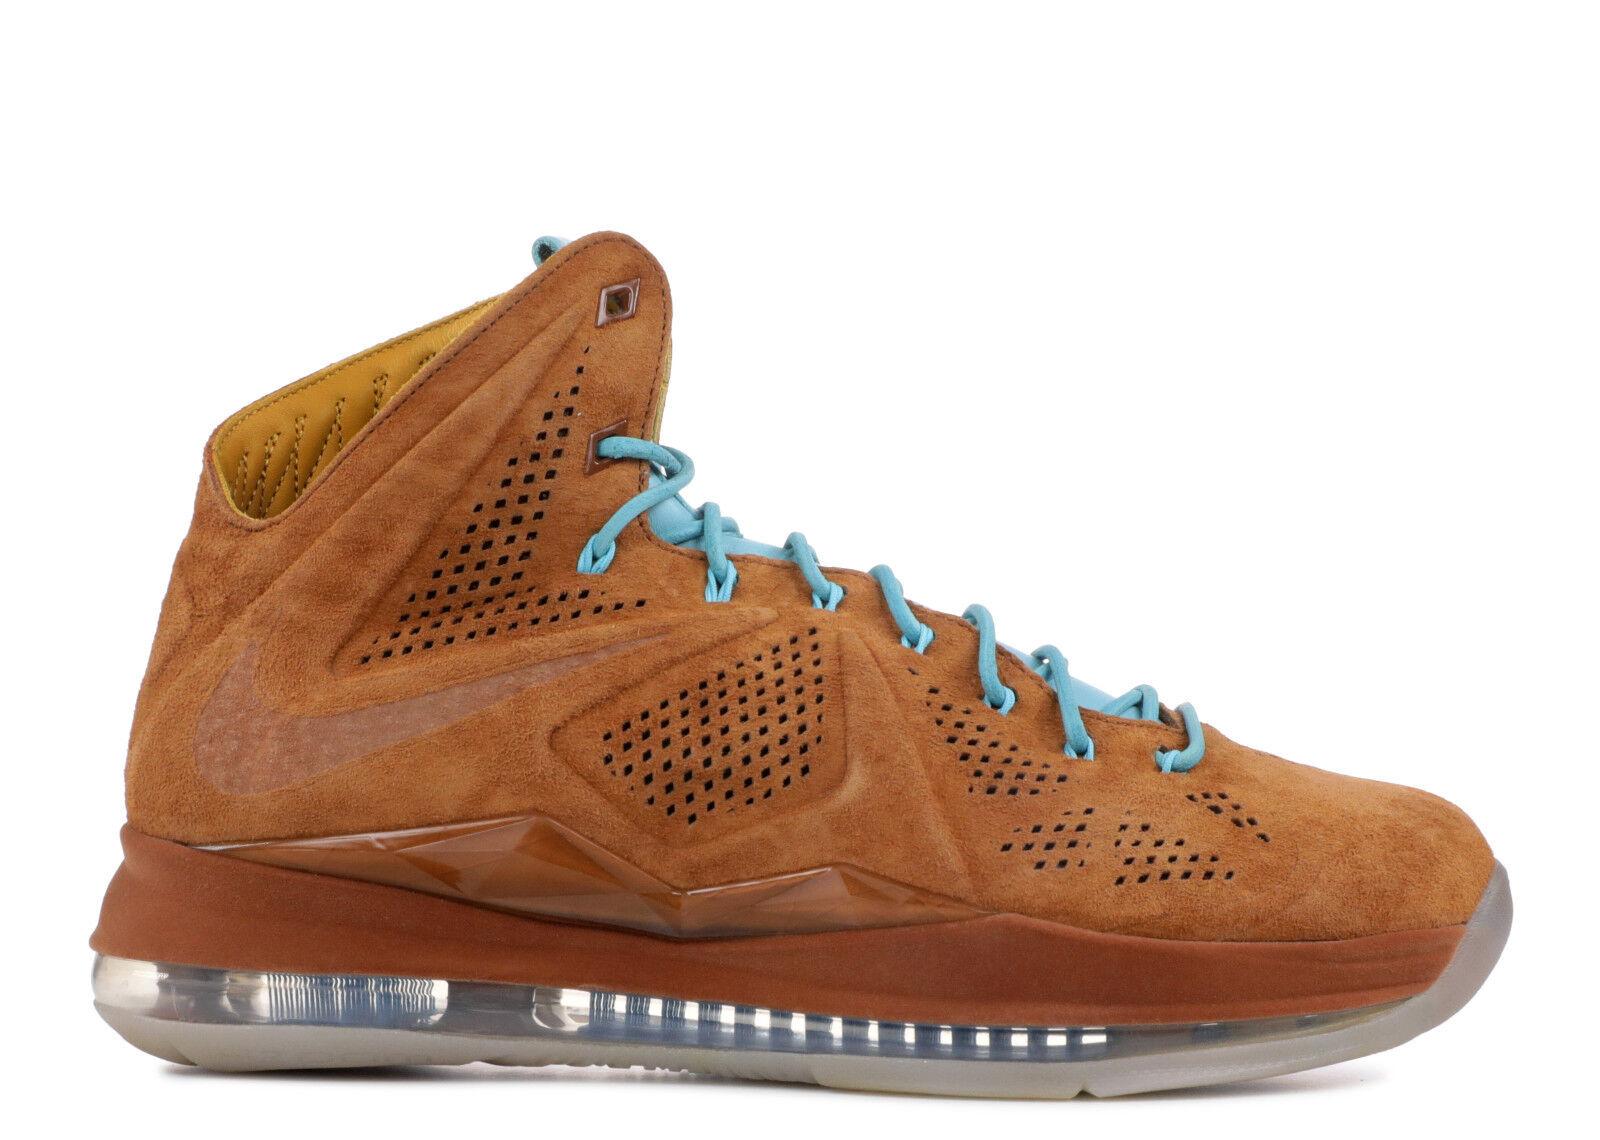 Nike LeBron 10 X EXT QS Hazelnut Size 11. 607078-200